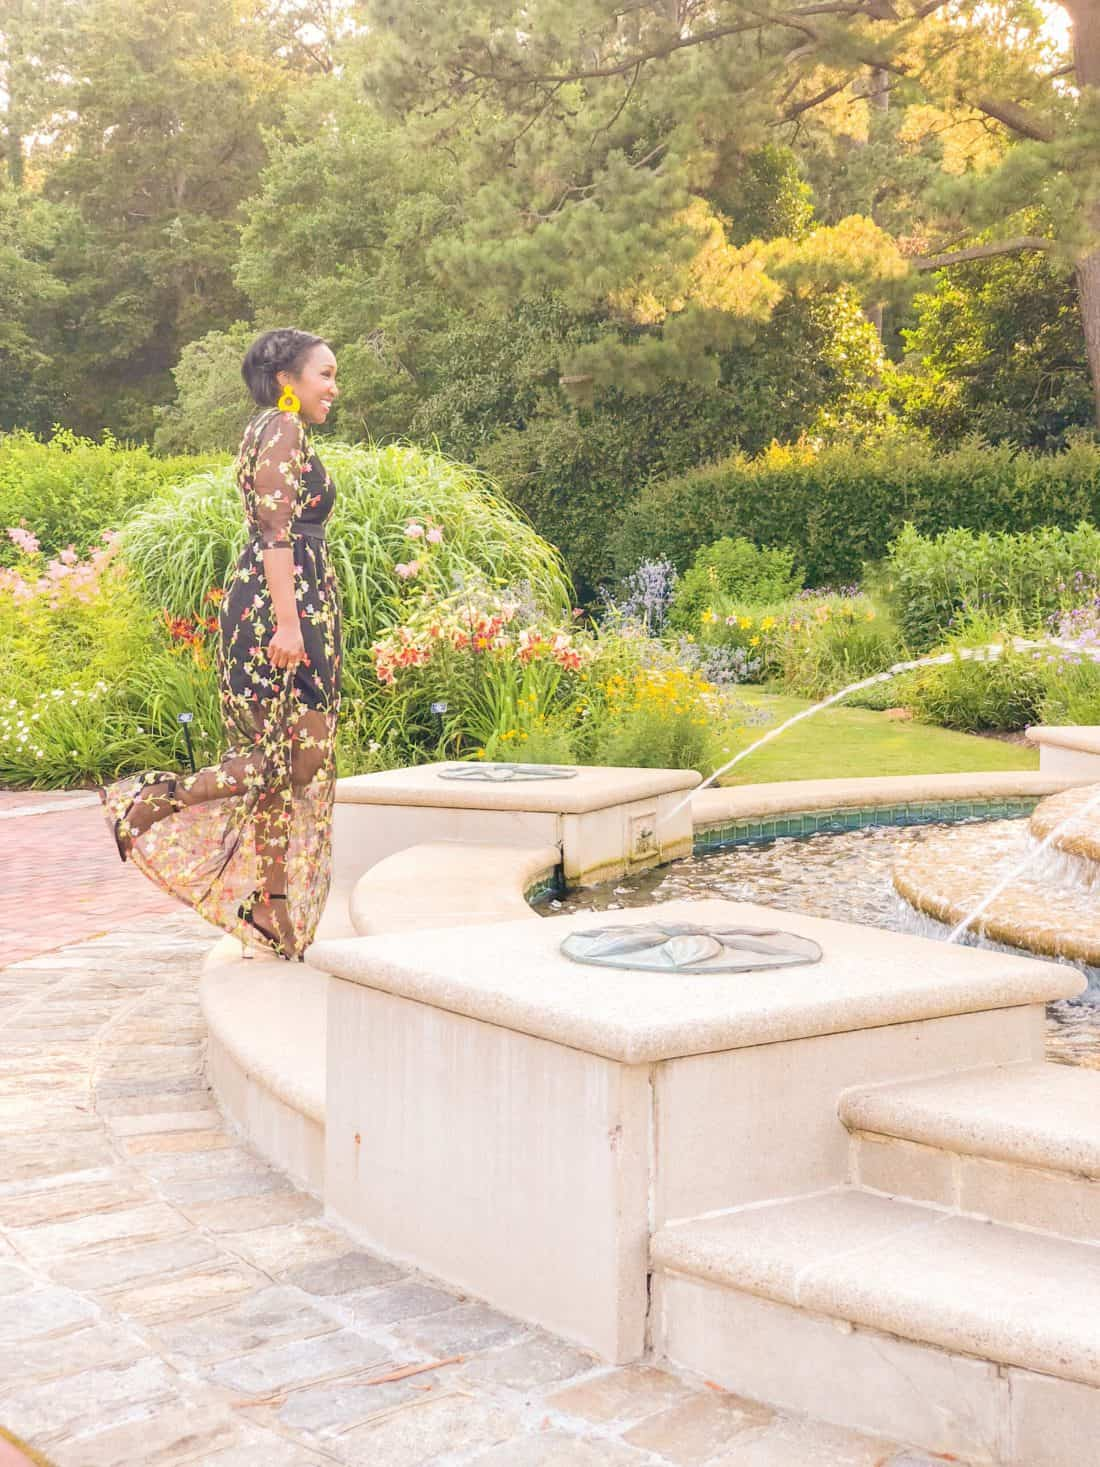 shaunda necole whimsical floral dress